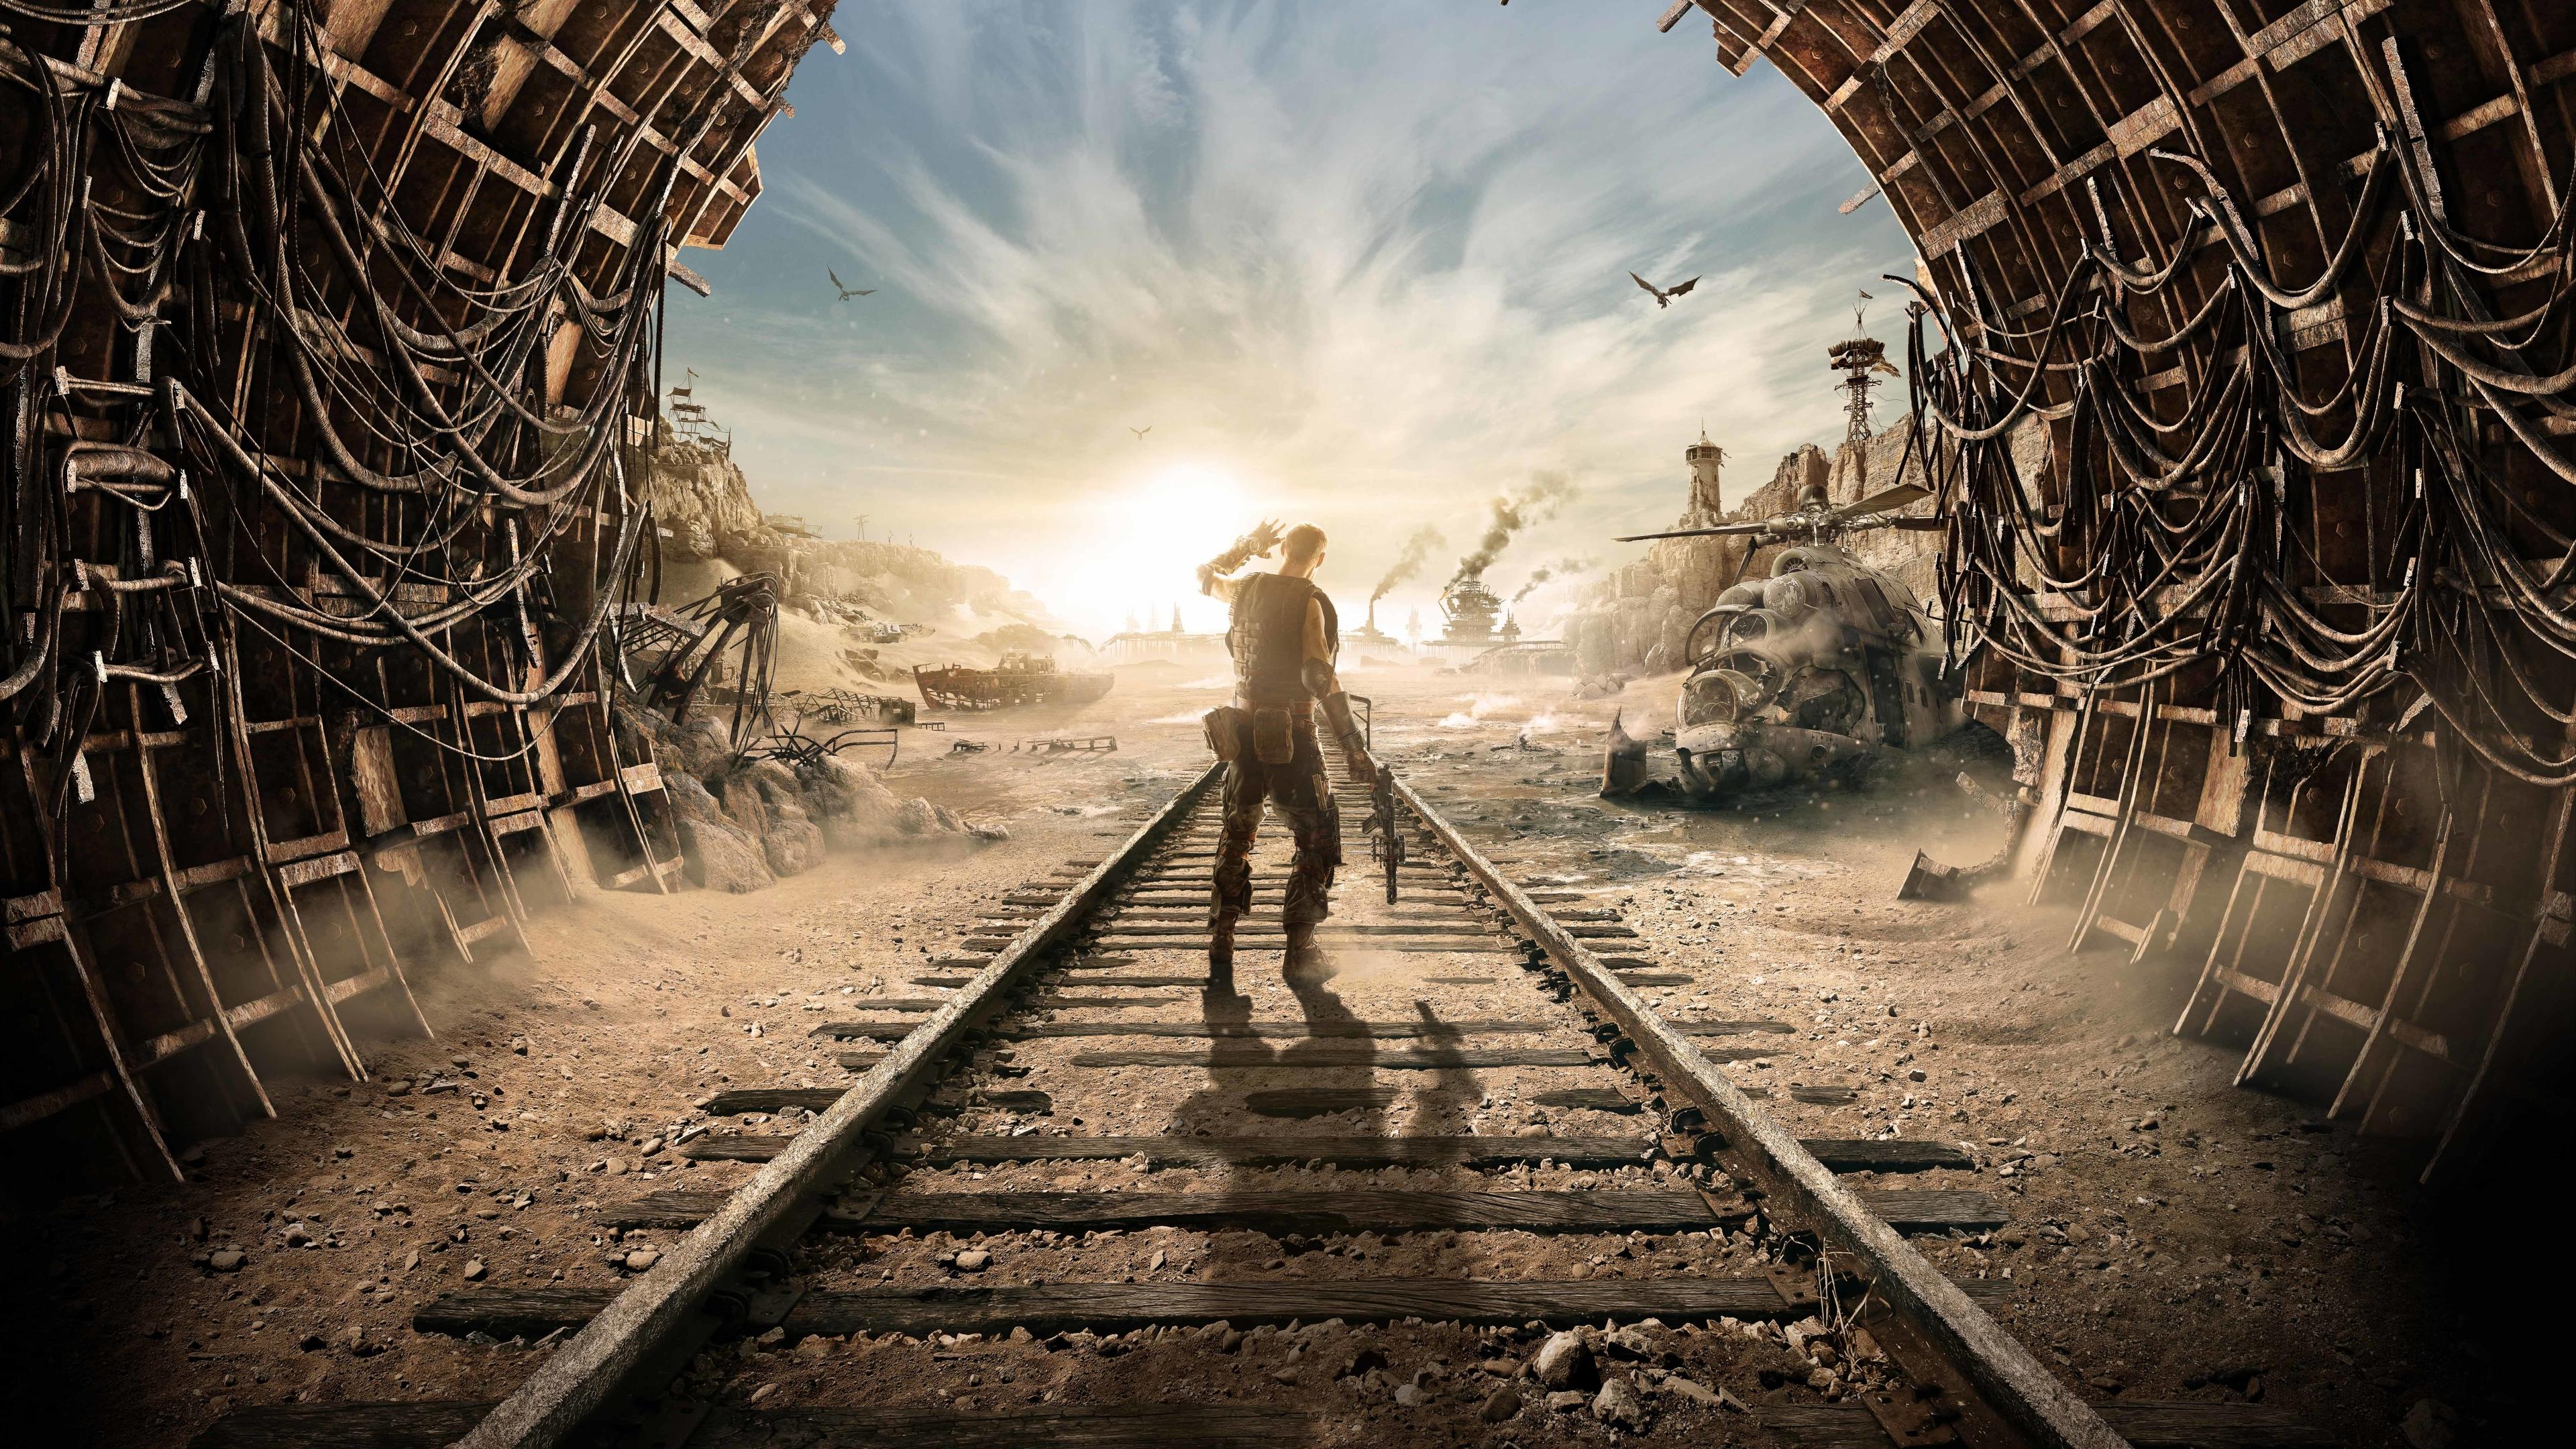 3840x2160 Metro Exodus 4k 8k Poster 4K Wallpaper, HD Games ...